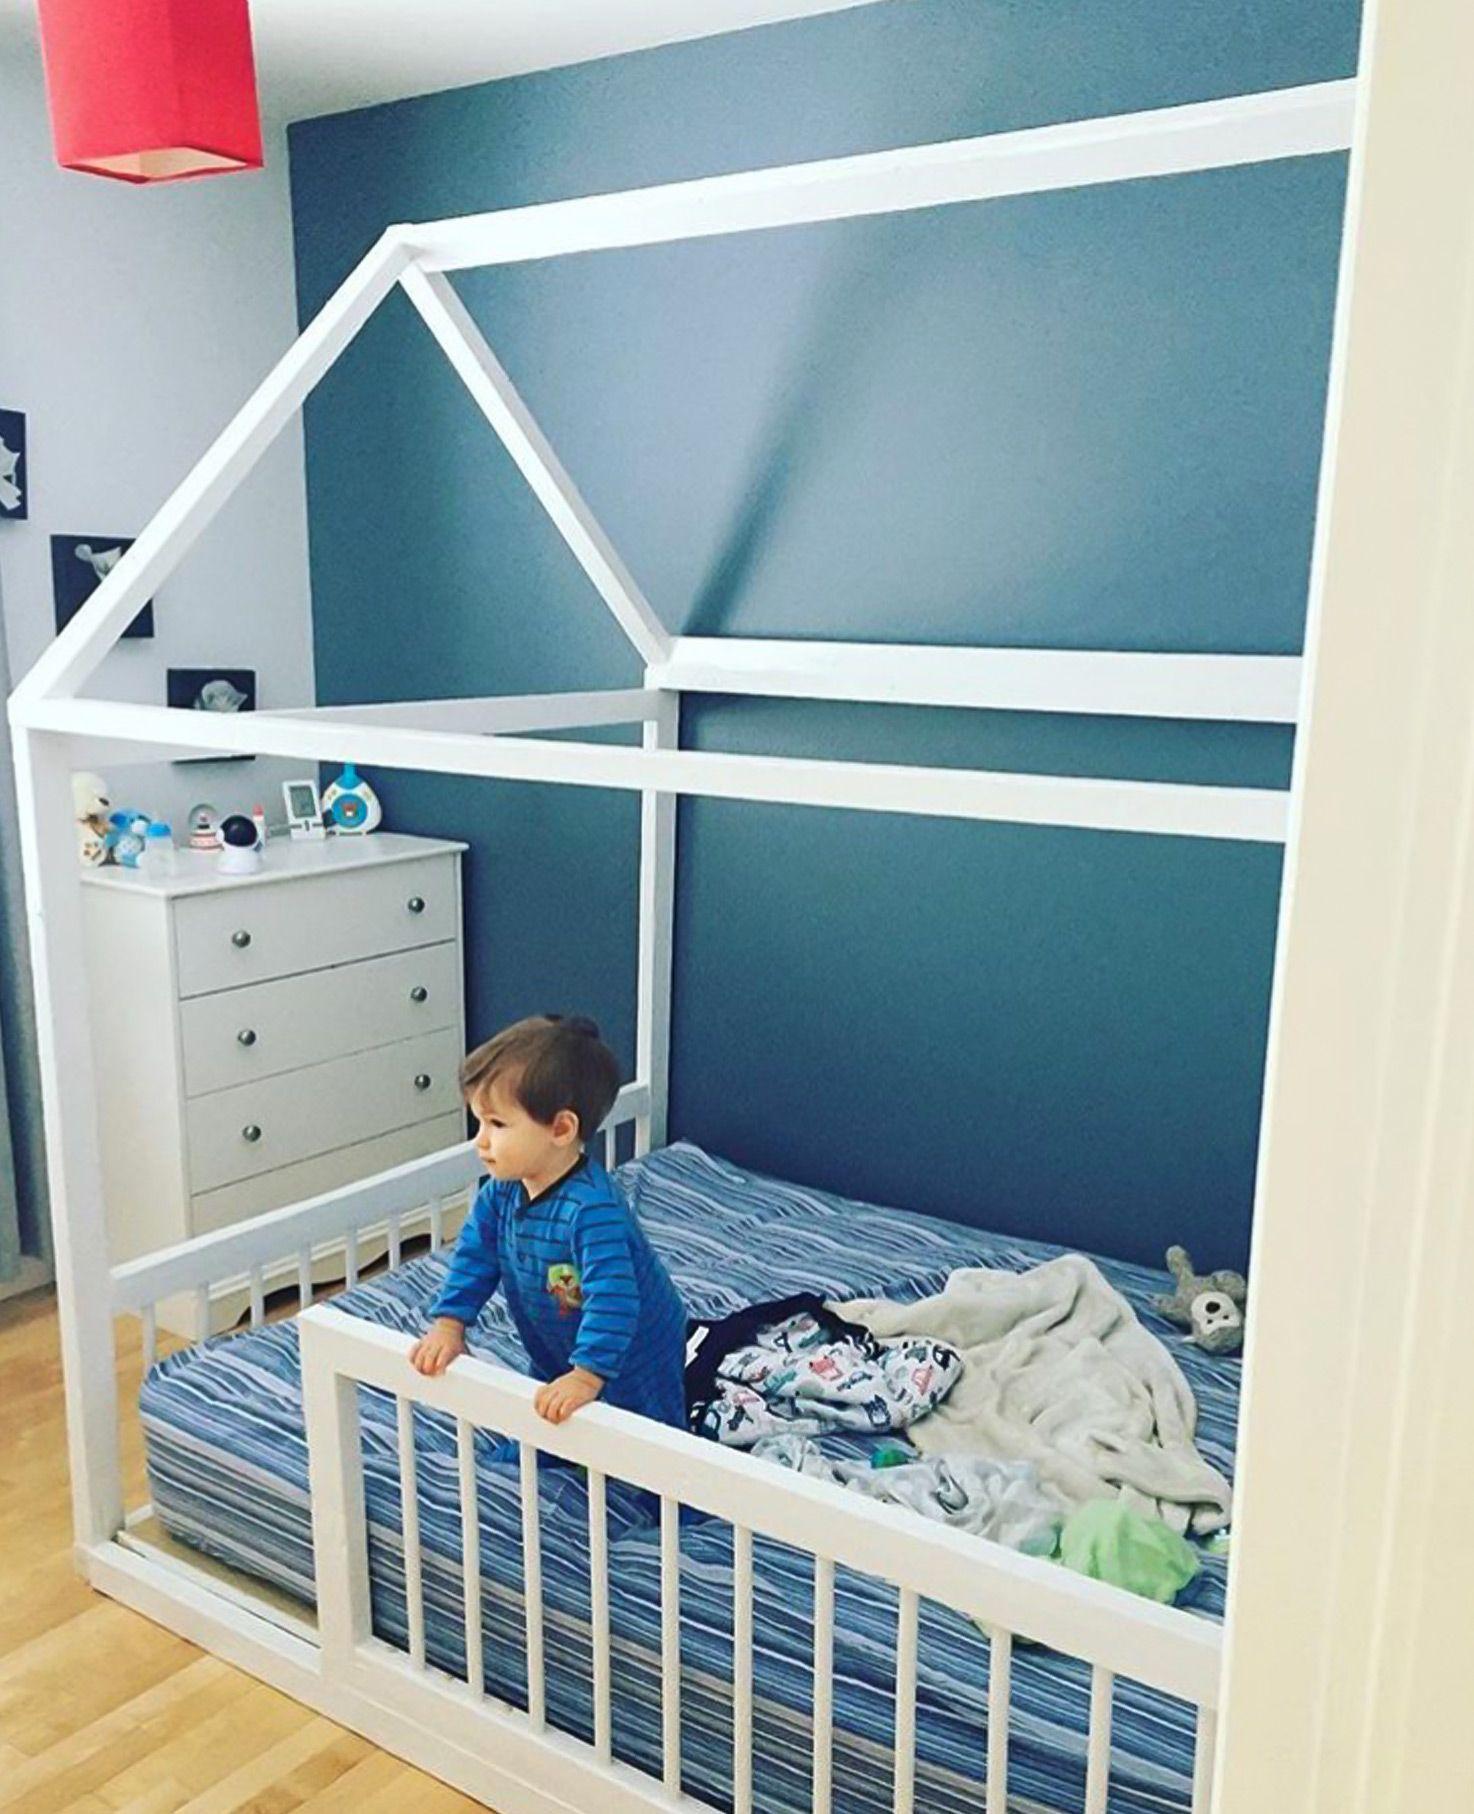 comment faire soi m me son lit montessori pour b b lit. Black Bedroom Furniture Sets. Home Design Ideas